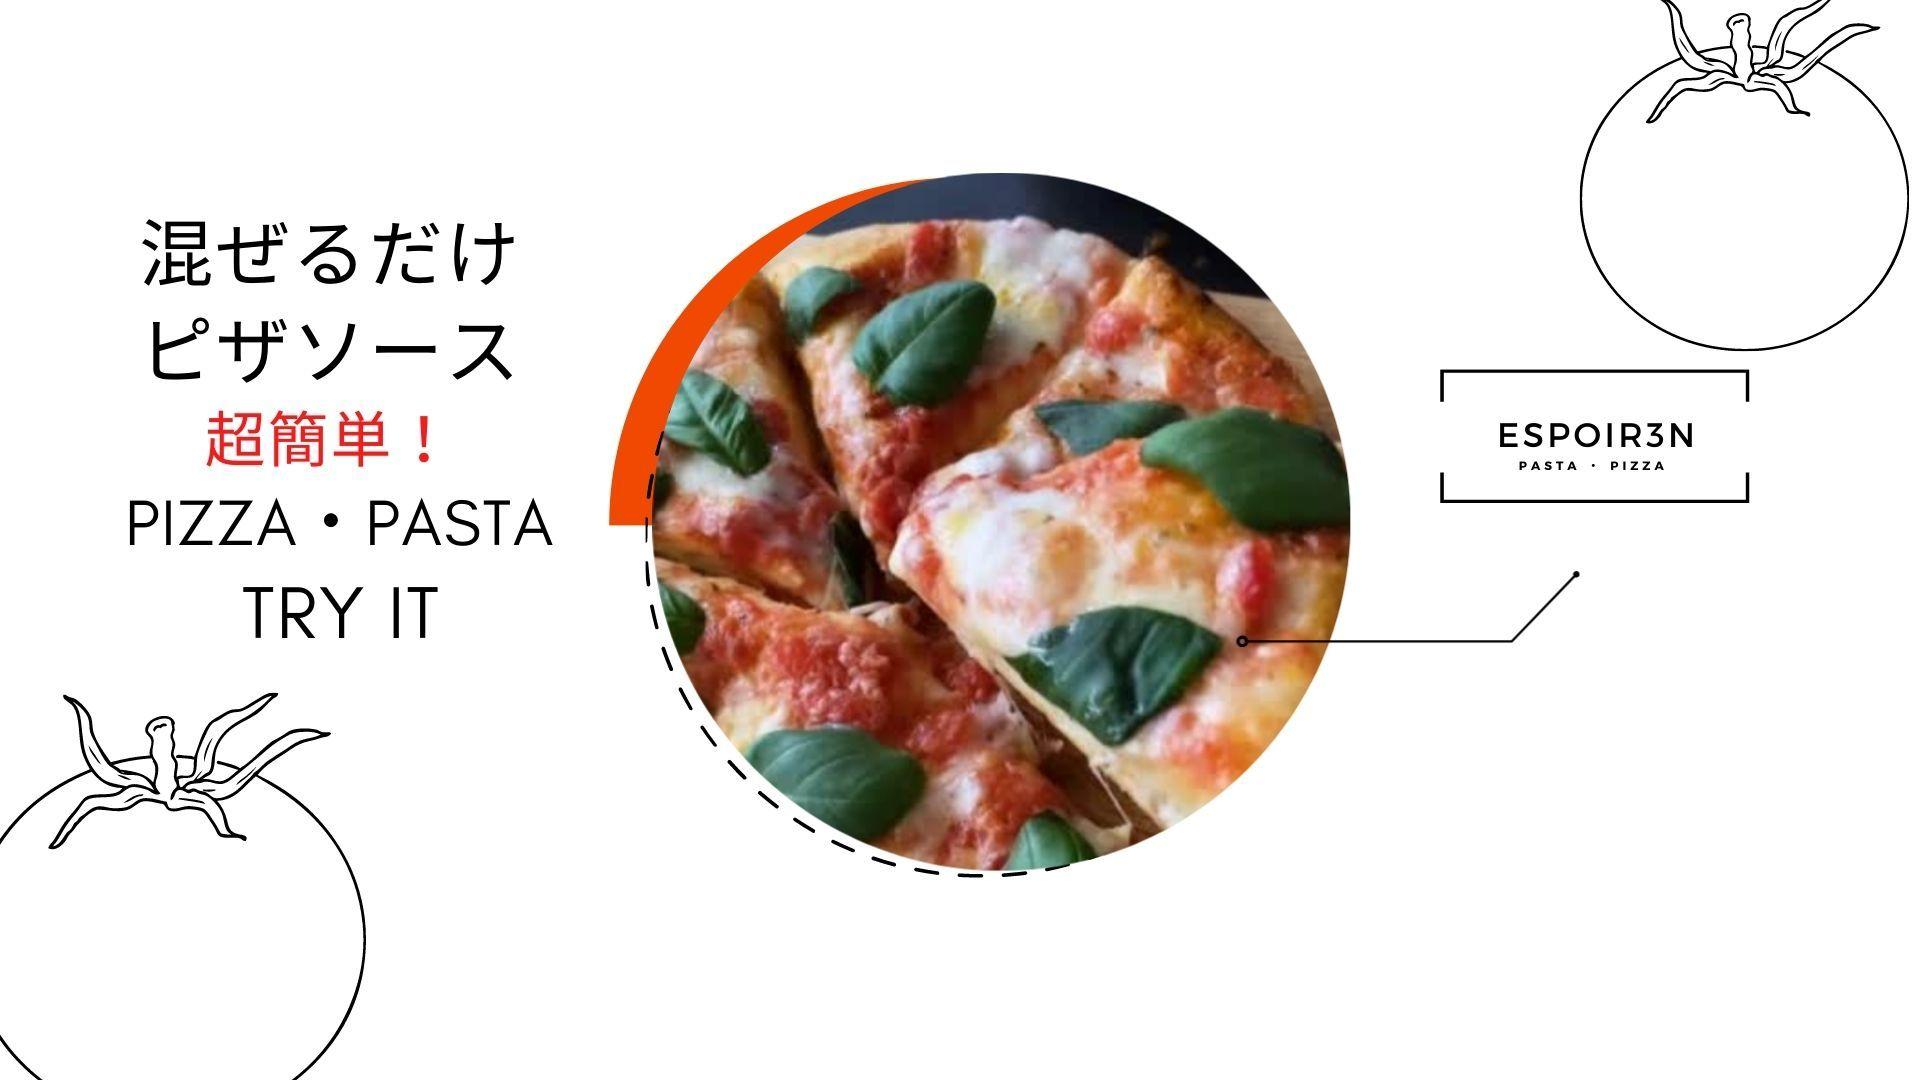 超簡単!混ぜるだけピザソースの作り方_c0162653_14202401.jpg